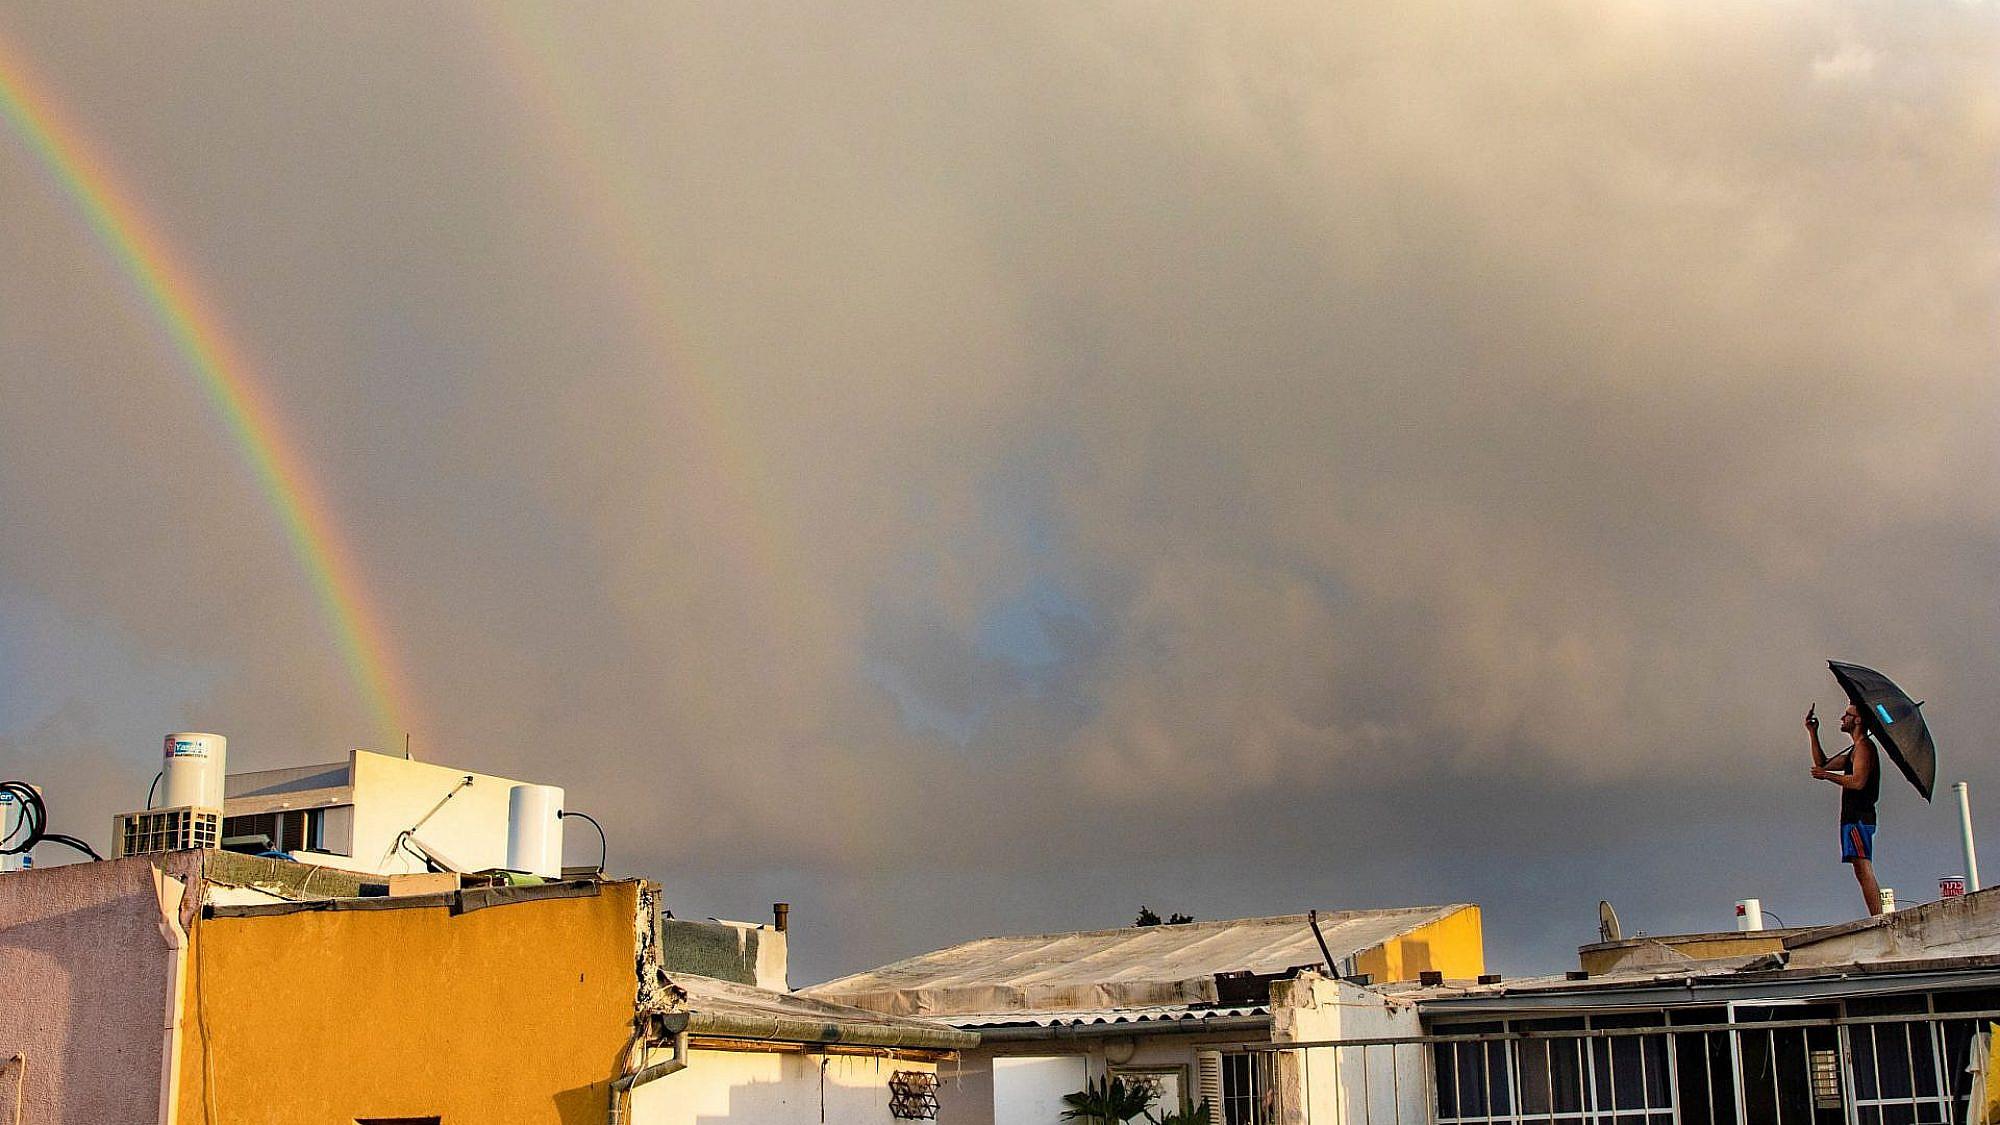 עננים של תקווה. צילום: ספיר בן עמי, פלורנטין, תל אביב